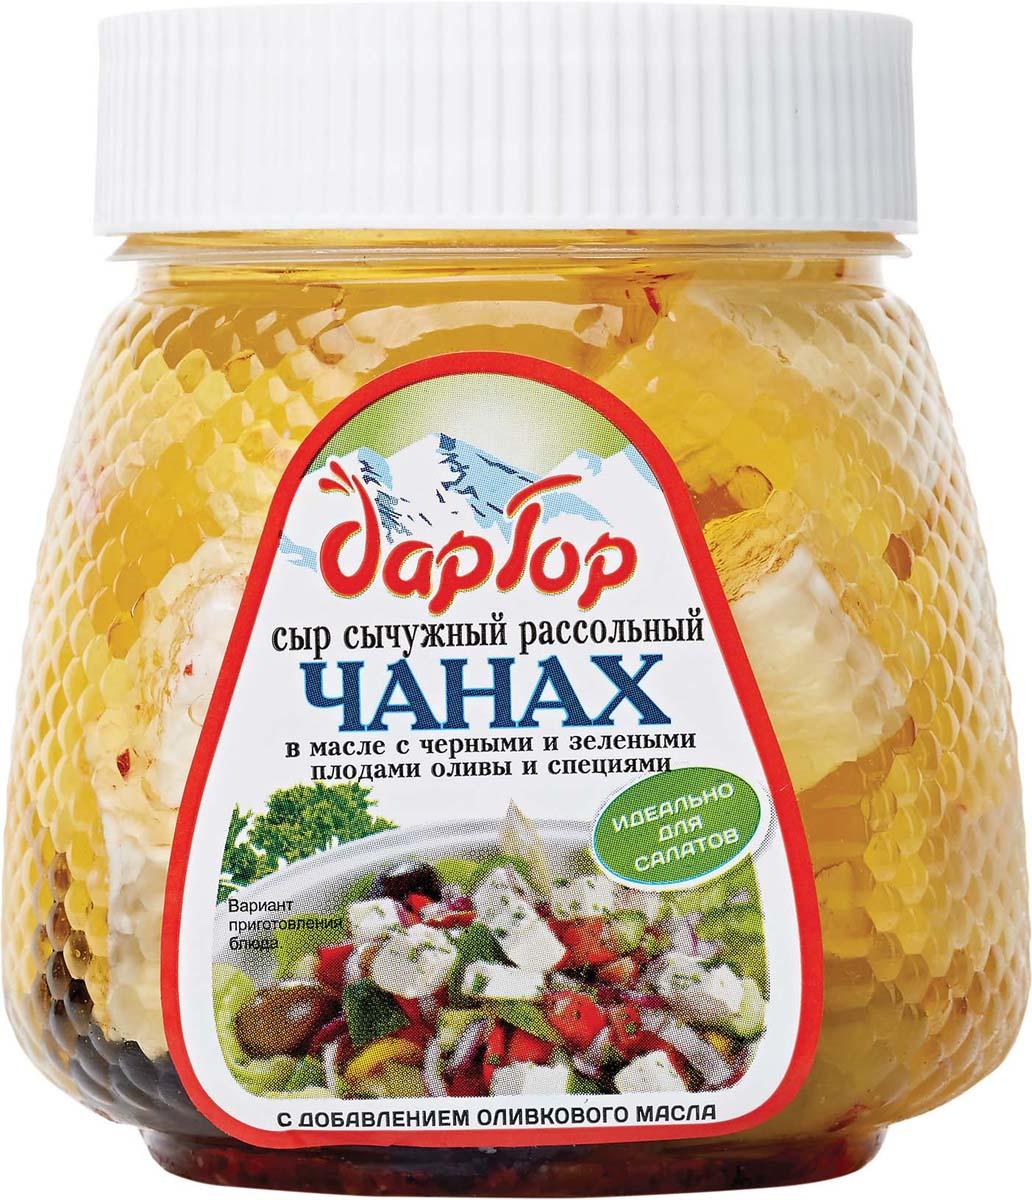 Дар Гор Сыр Чанах 40% с чёрными и зелёными плодами оливы в масле 40%, 250 г сумка printio королевский с сыром криминальное чтиво